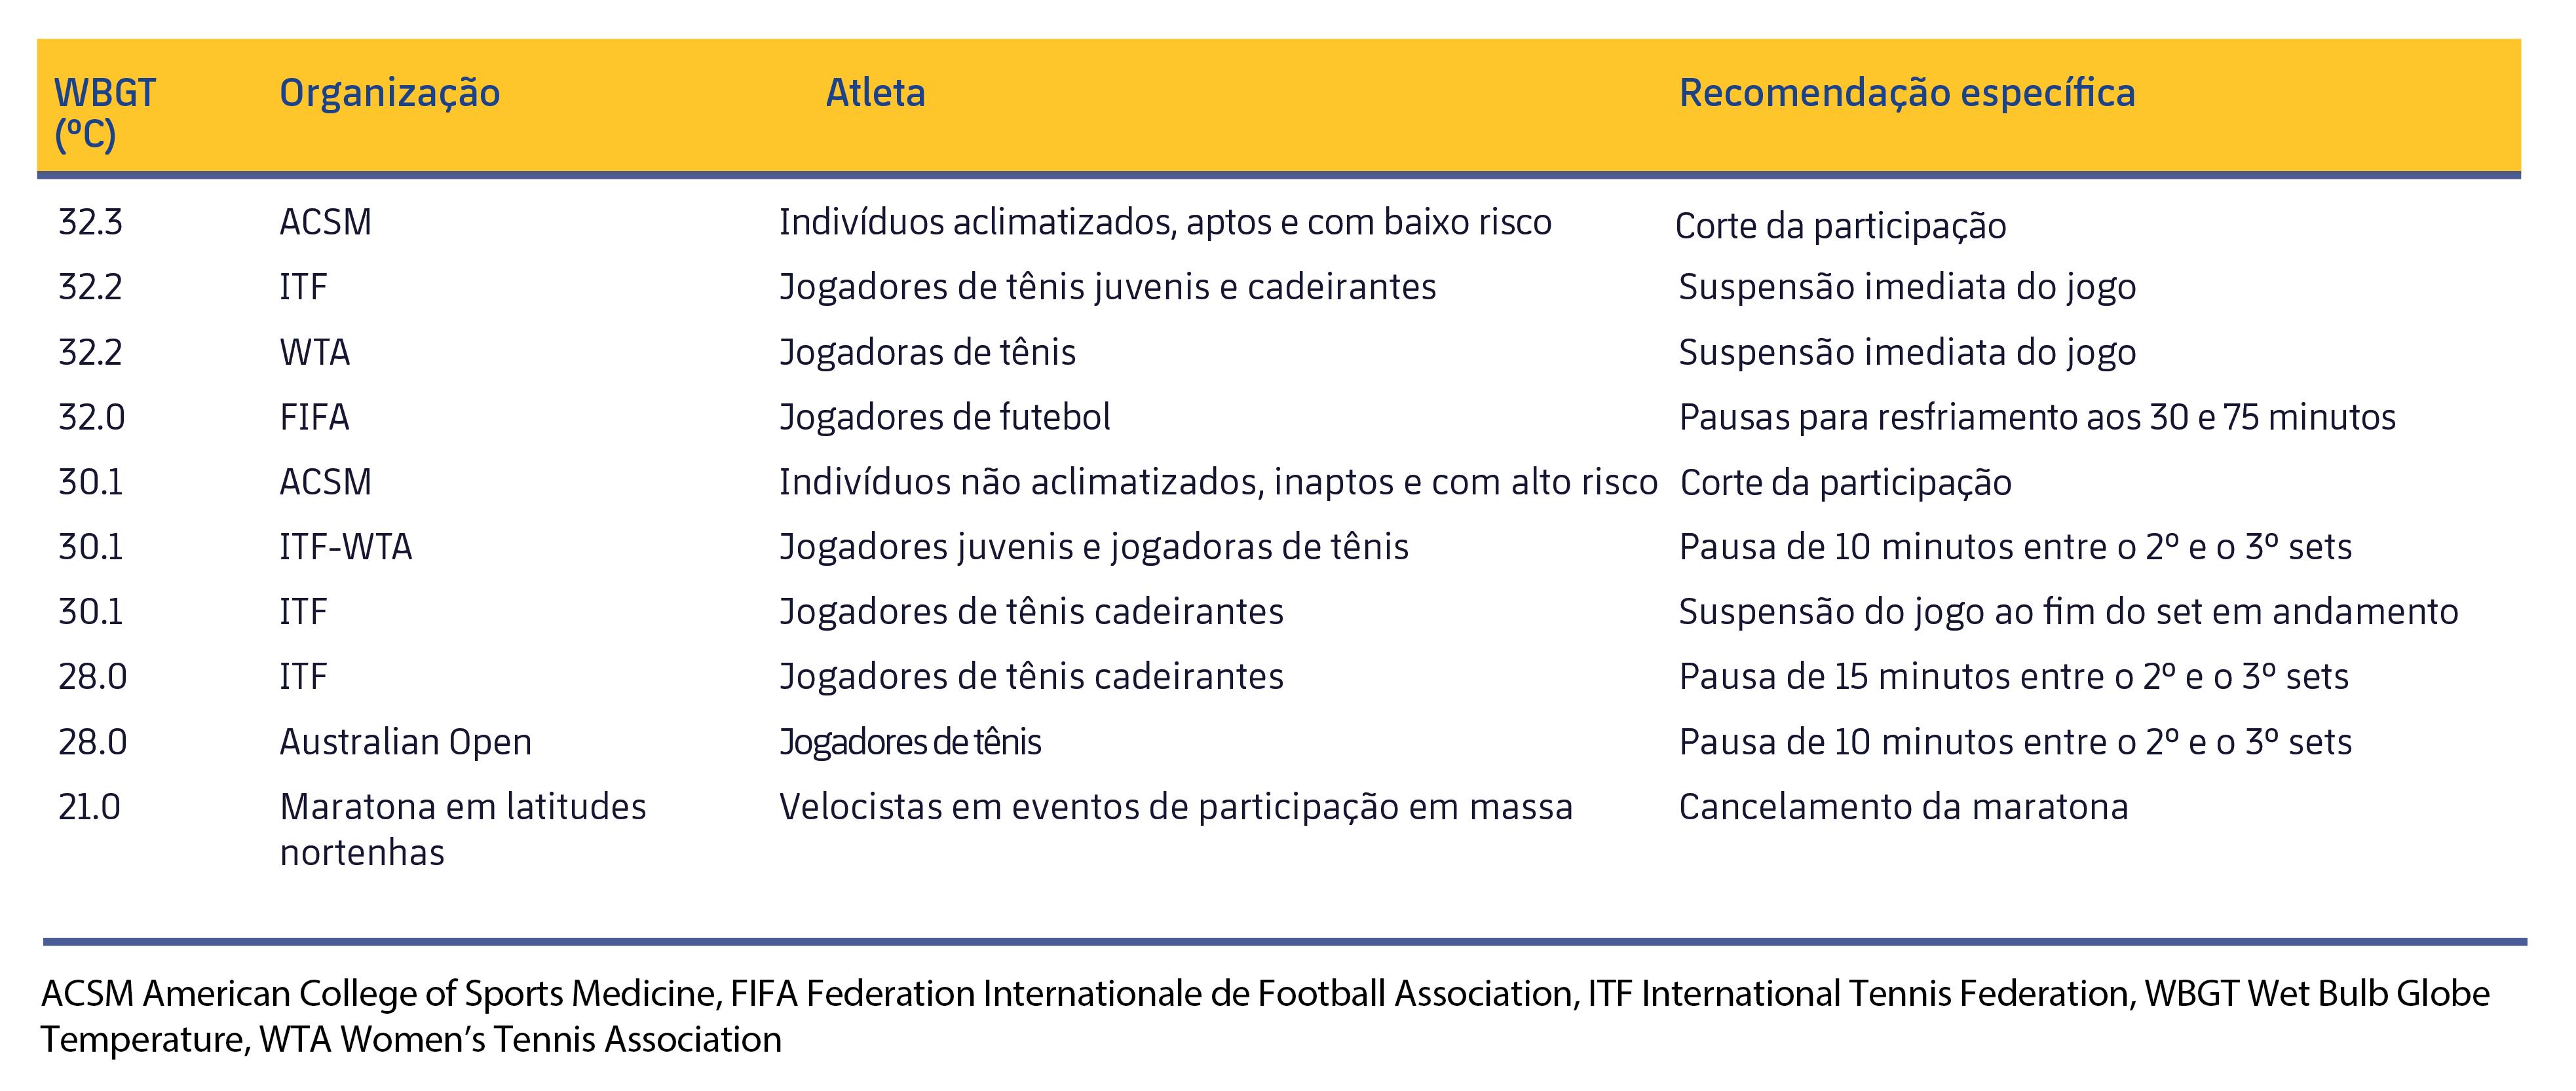 Figura 3. Medidas recomendadas de diversas entidades esportivas segundo o WBGT. Adaptado de Racinais et al. (2015).